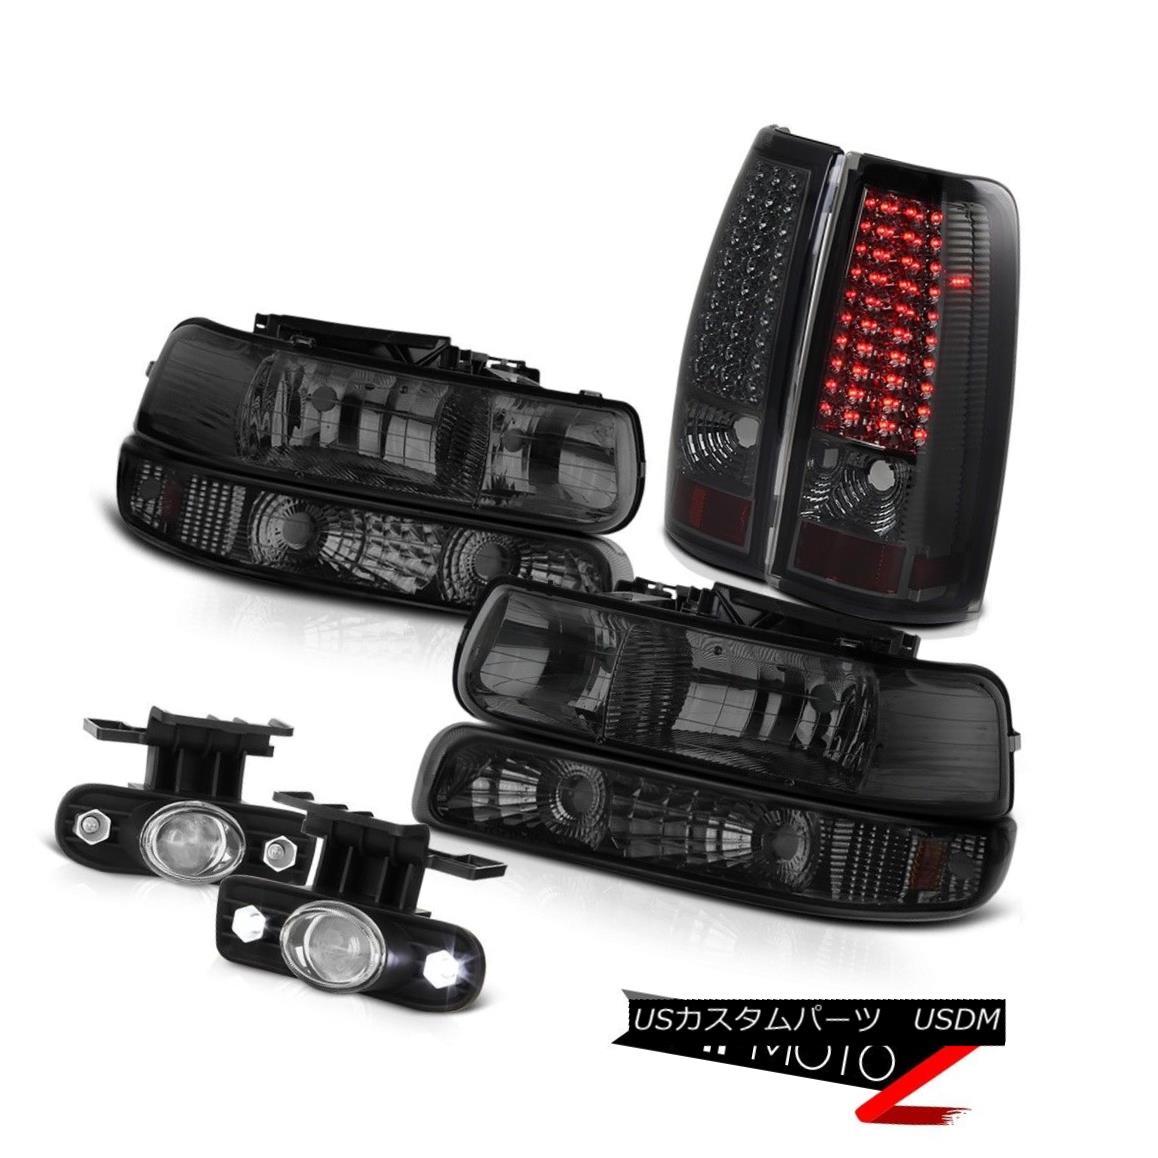 ヘッドライト 1999-2002 Chevy Silverado Smoke Headlights Parking Lamp Tail Light LED Foglamp 1999-2002シボレーシルバラード煙ヘッドライトパーキングランプテールライトLEDフォグライト